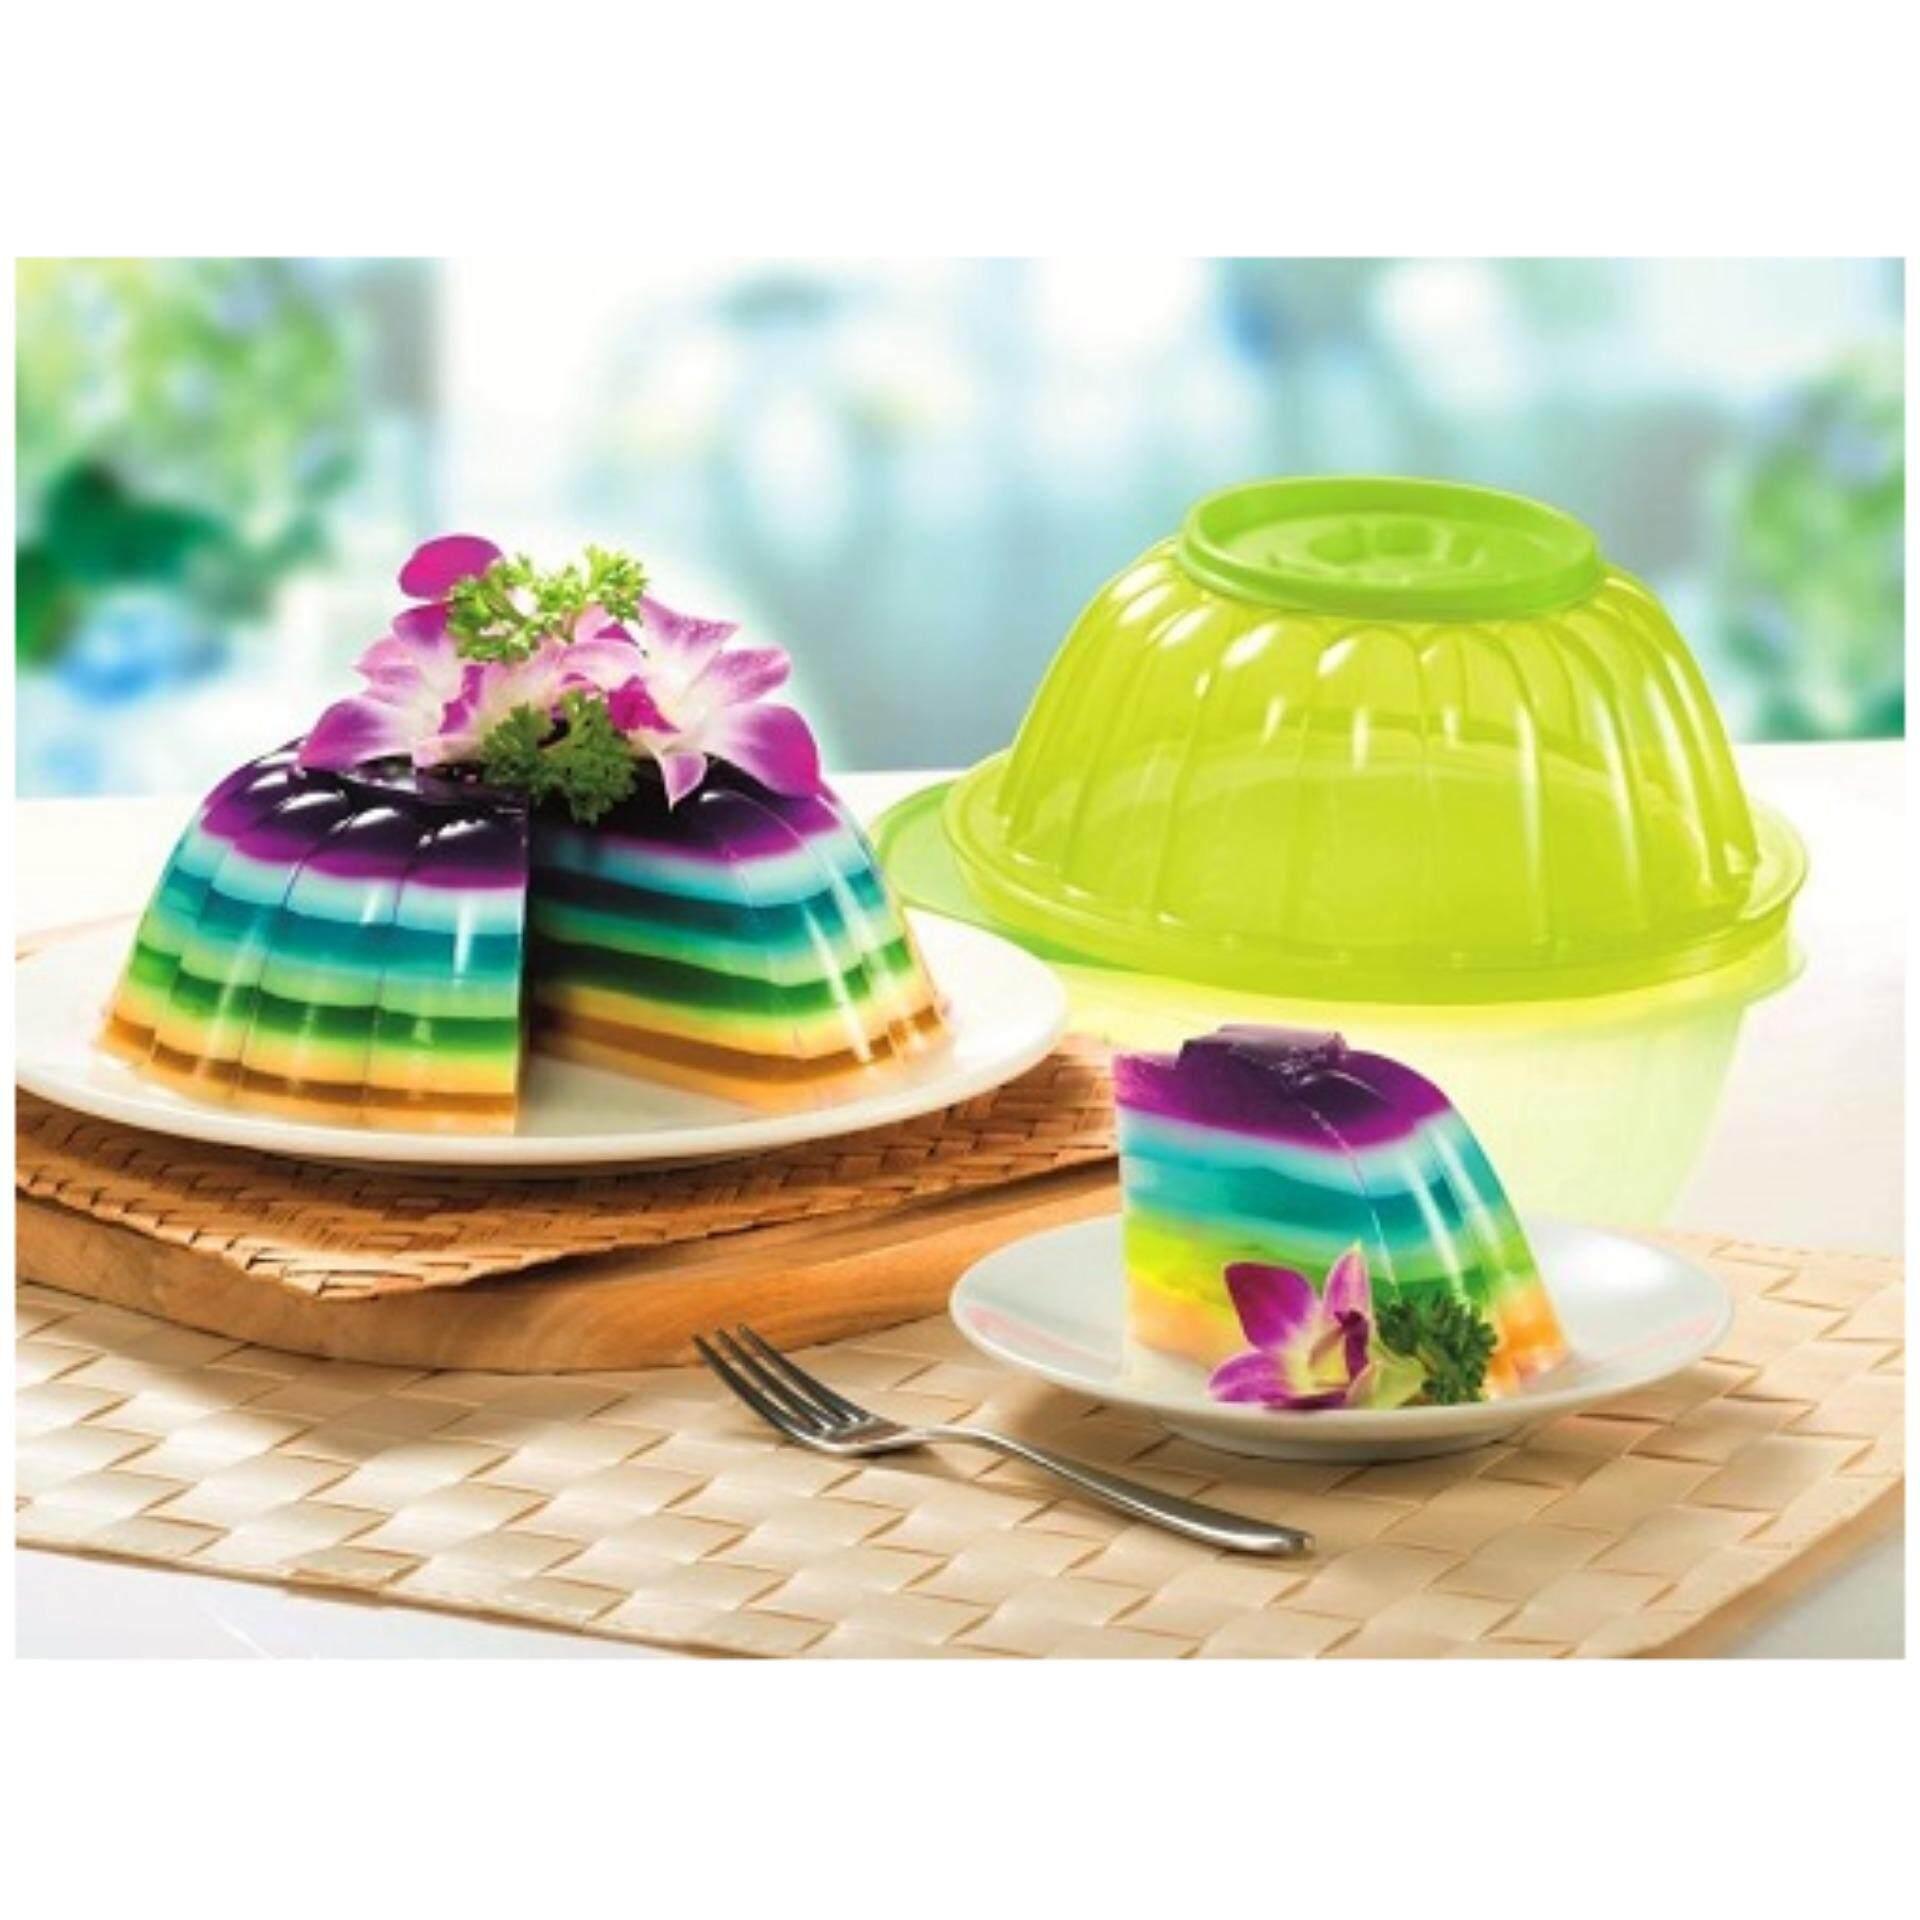 Tupperware Jel N Serve (1) 1.1L (Jelly Maker) - Green